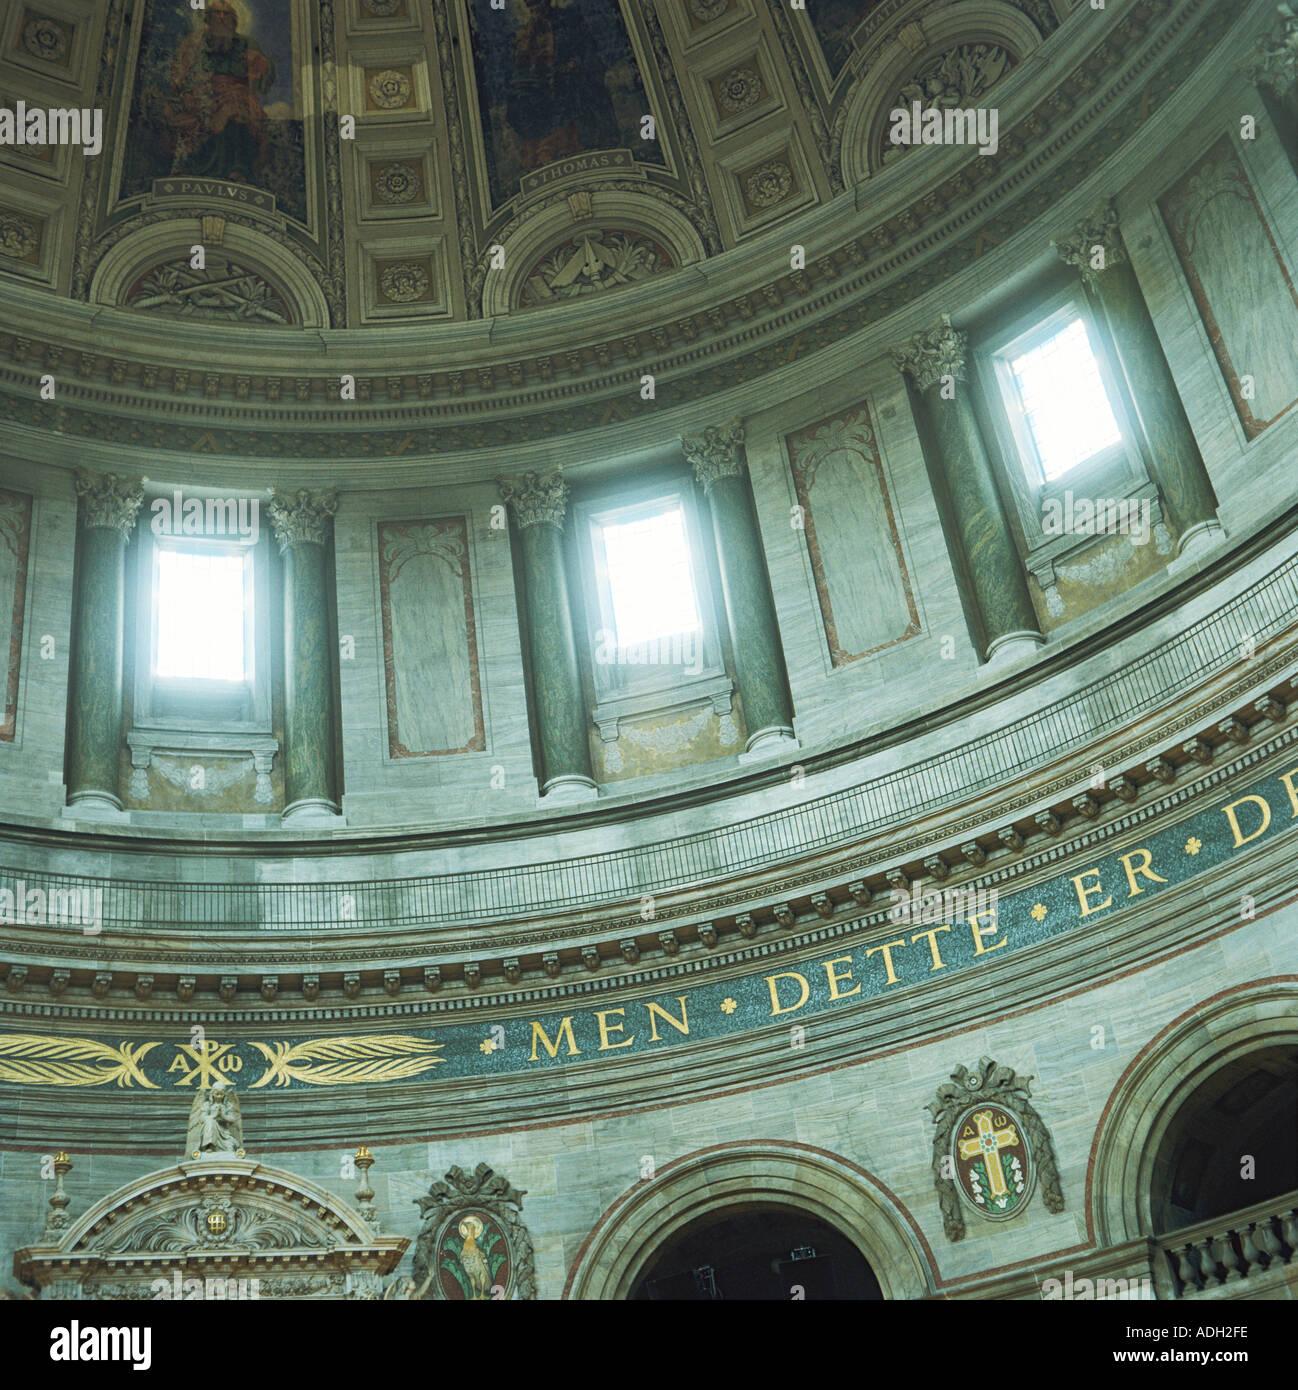 Frederikskirken aka The Marble Church Copenhagen Denmark - Stock Image